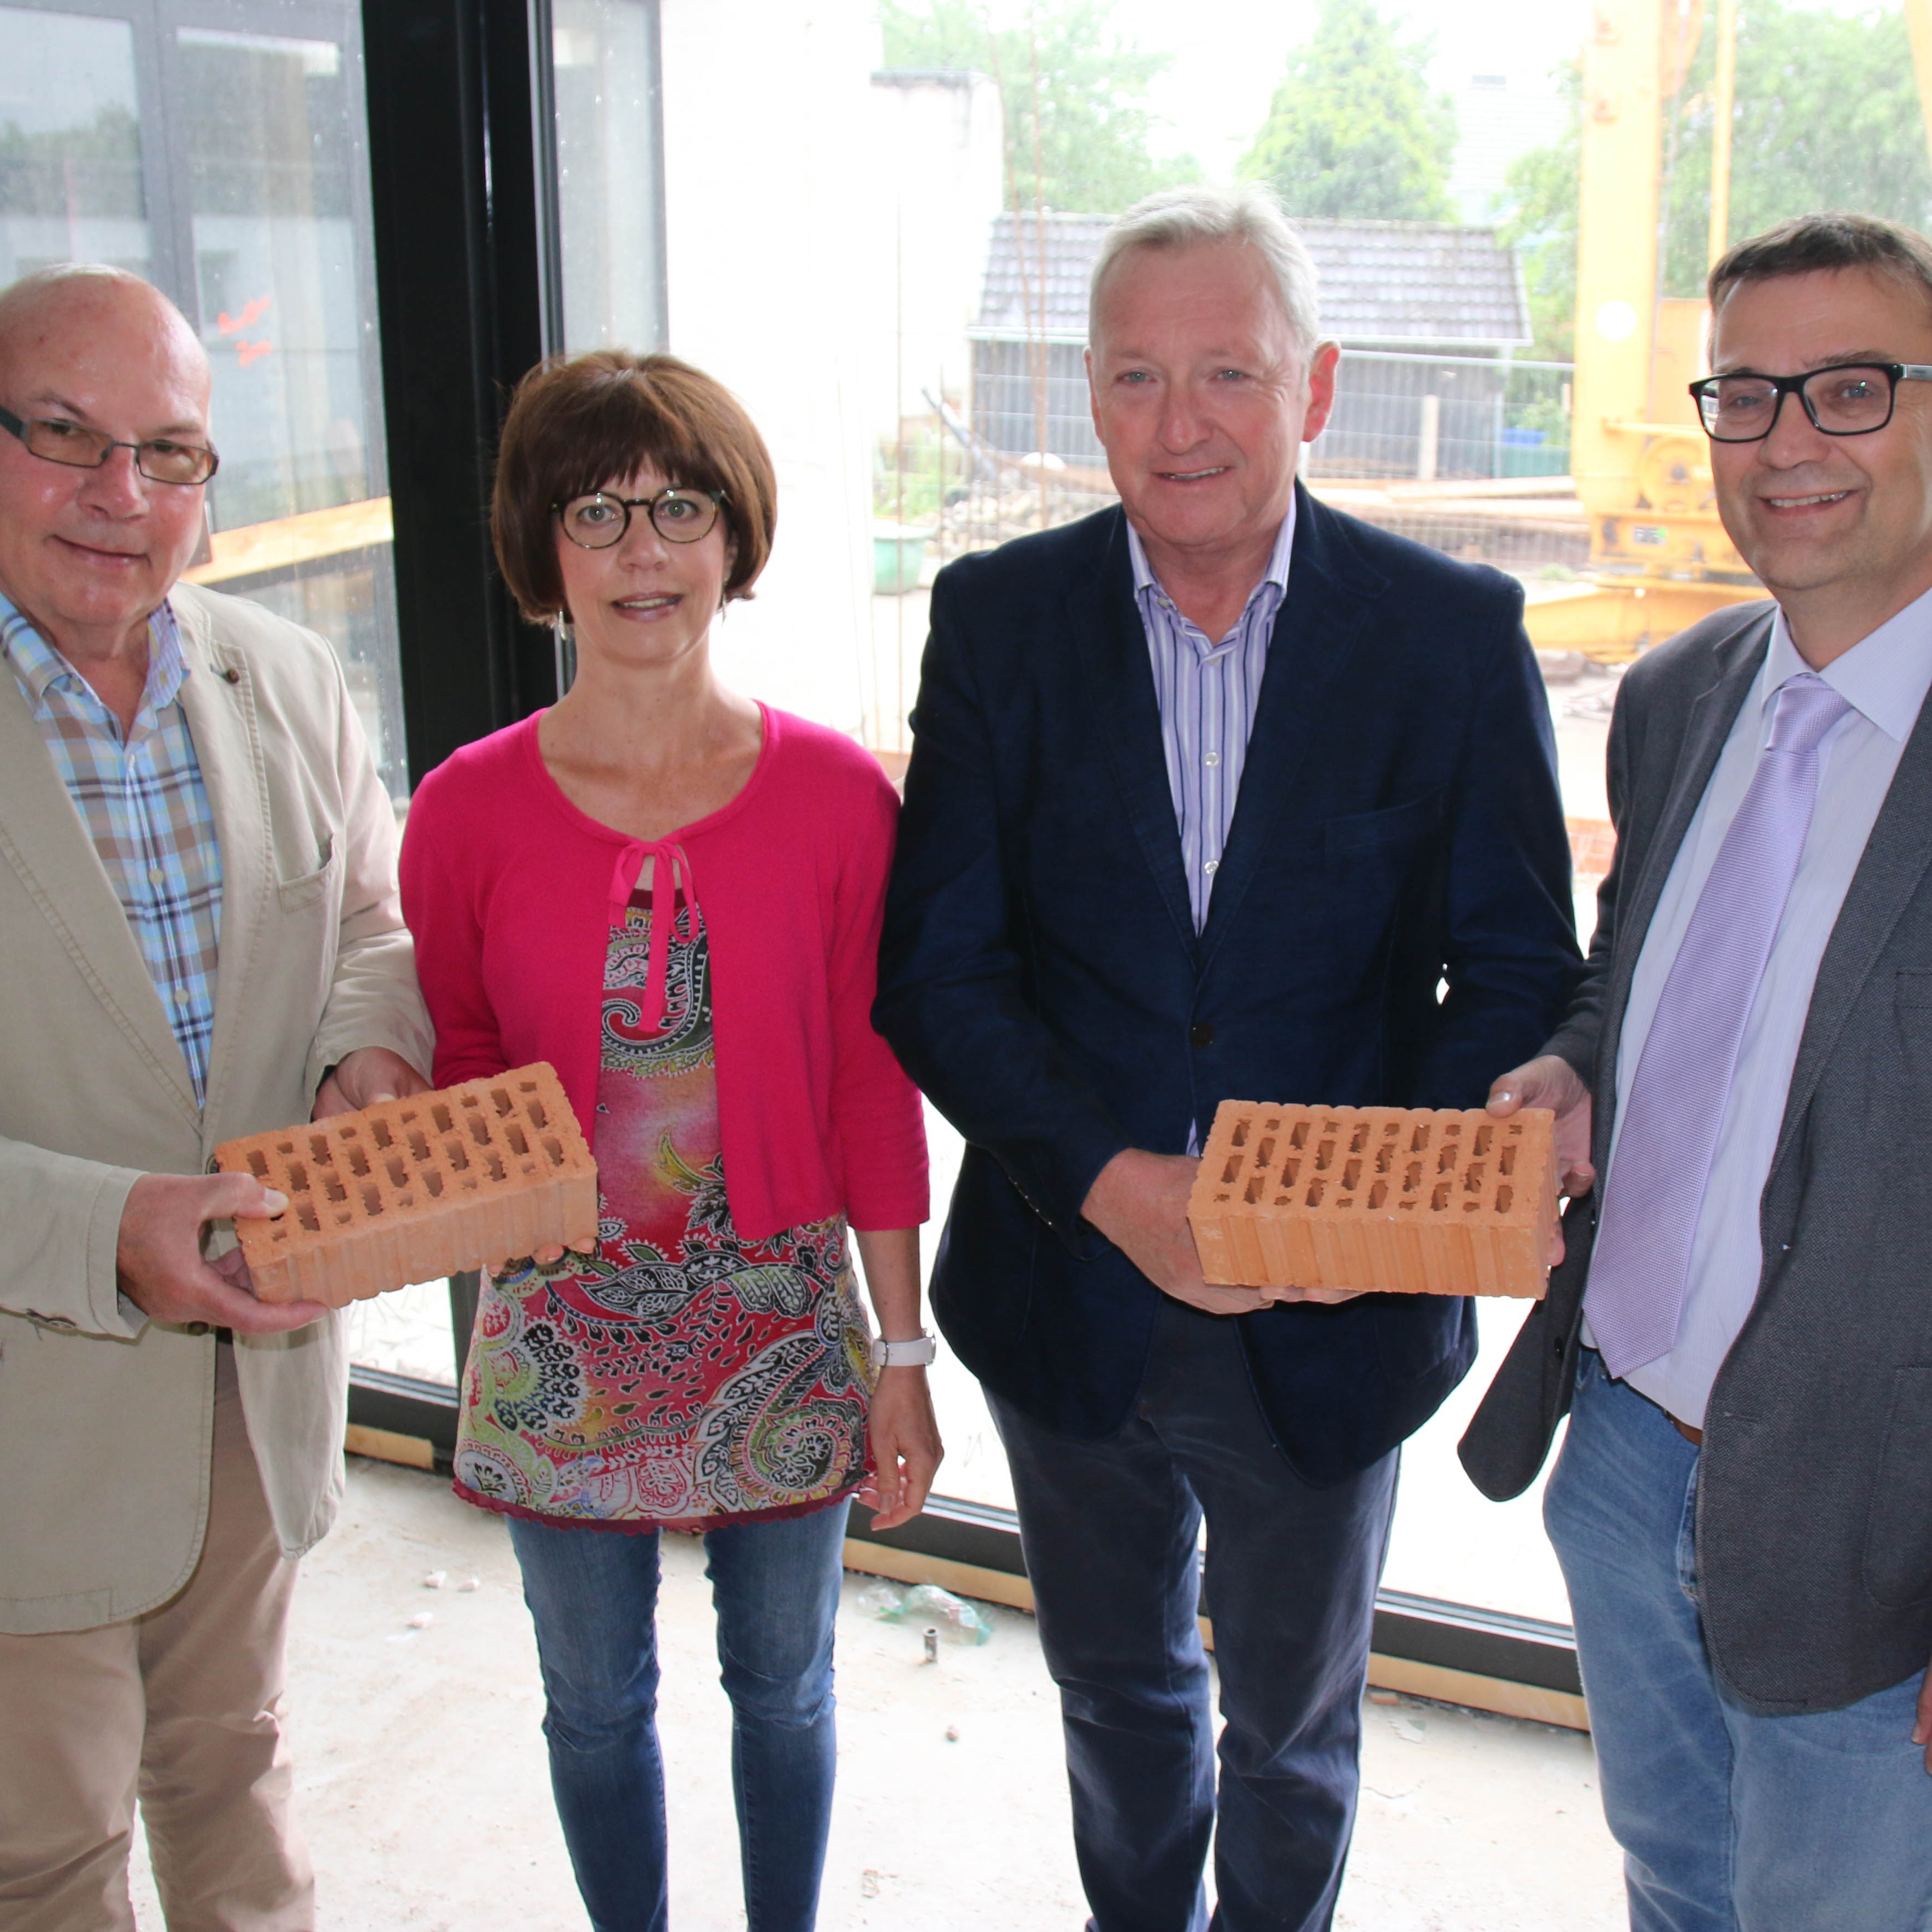 Baustoffmarkt Happe unterstützt großzügig Sanierung und Umbau des Gemeindezentrums Delbrück